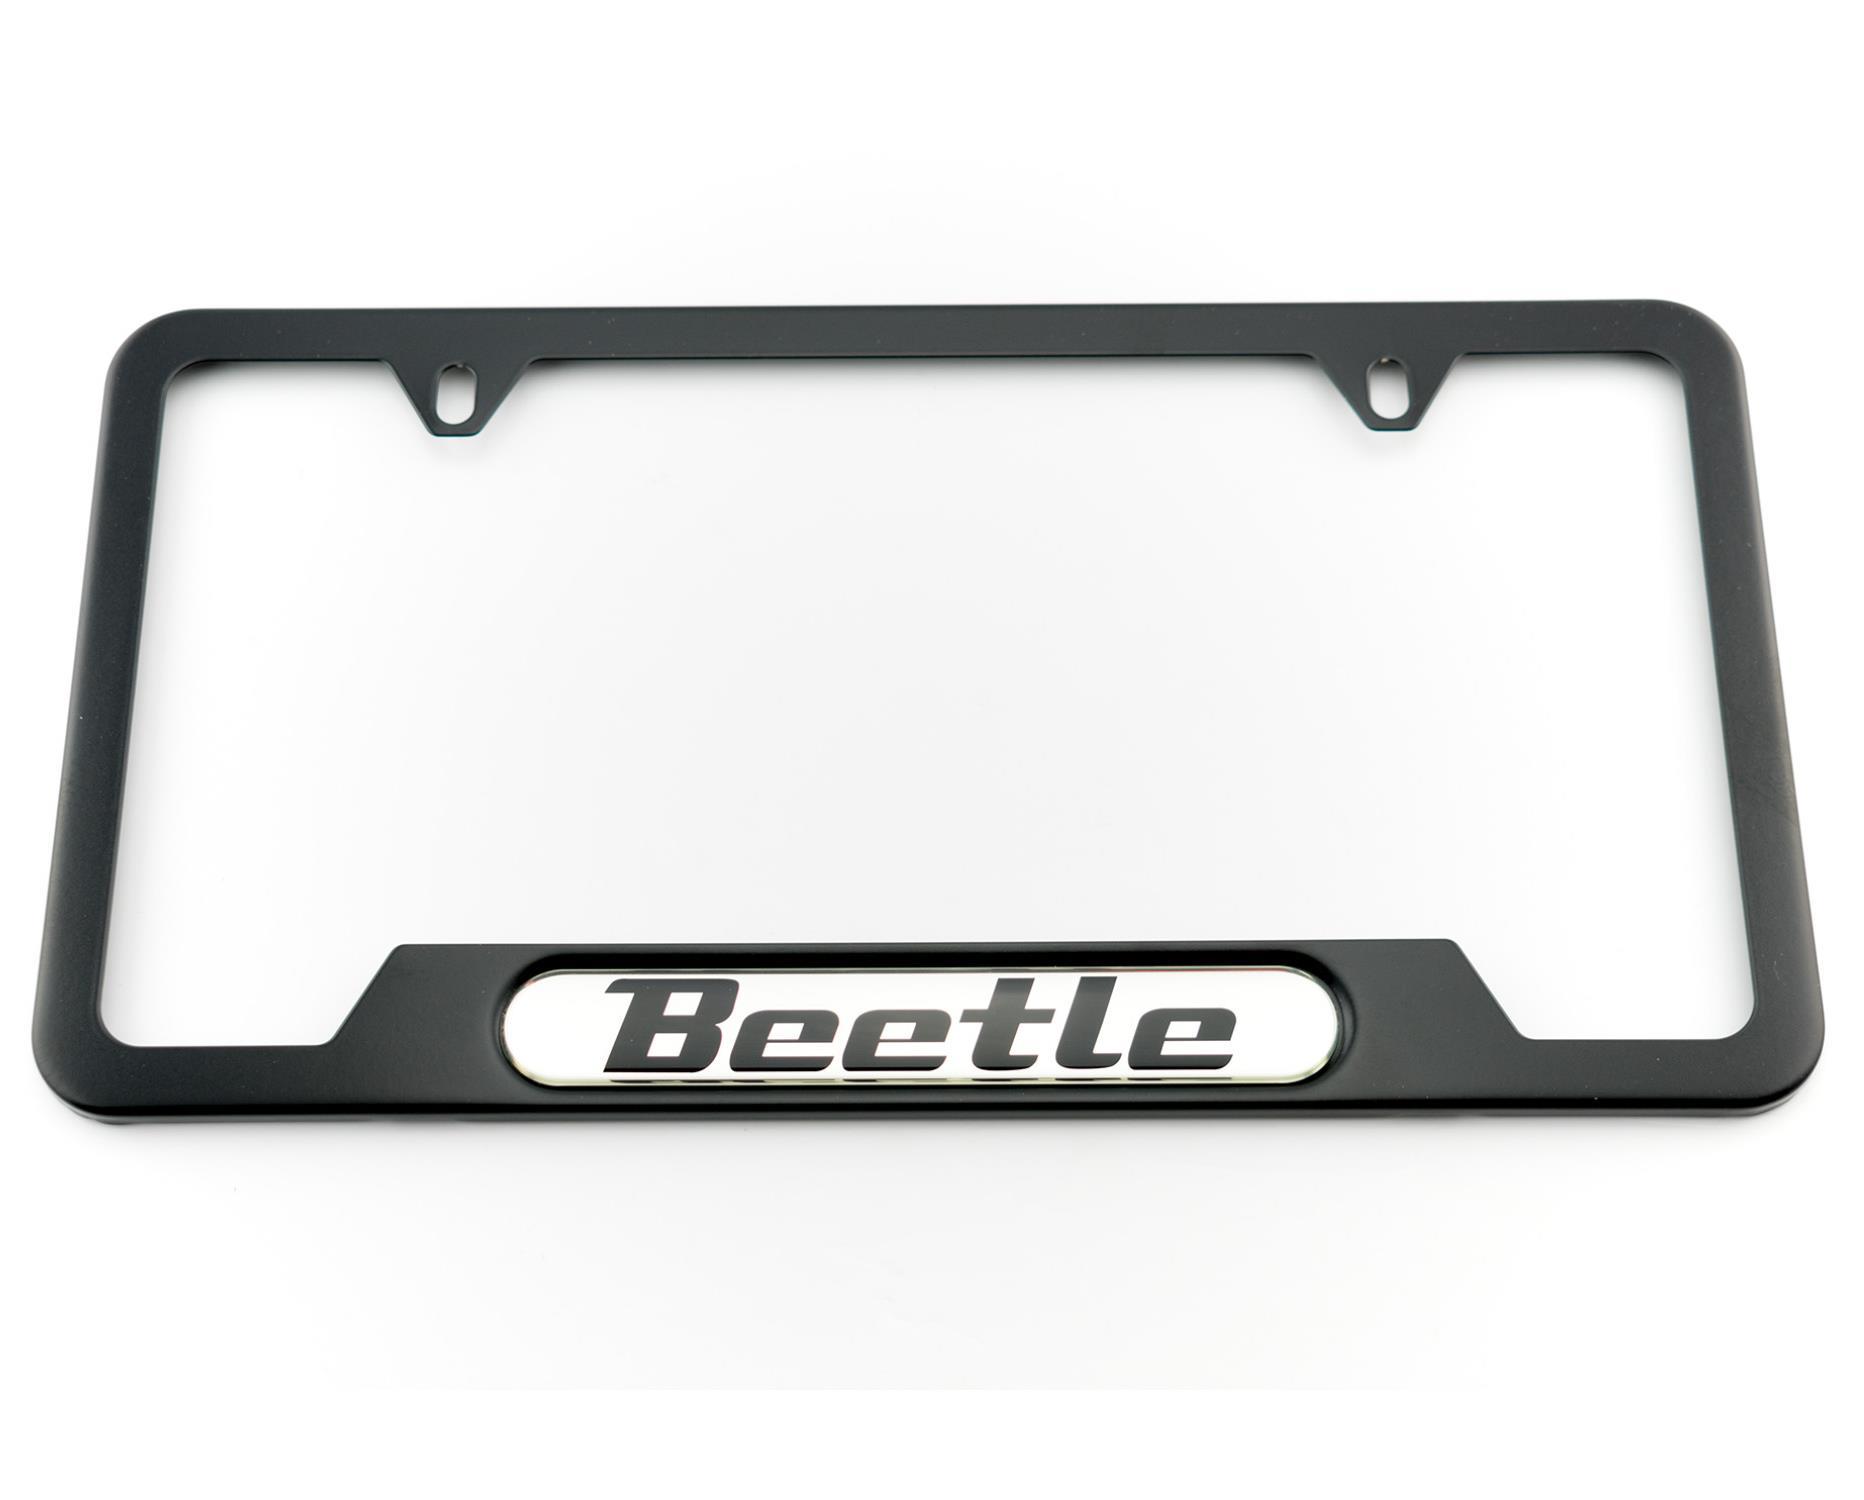 5c0071801k Volkswagen License Plate Frame Beetle